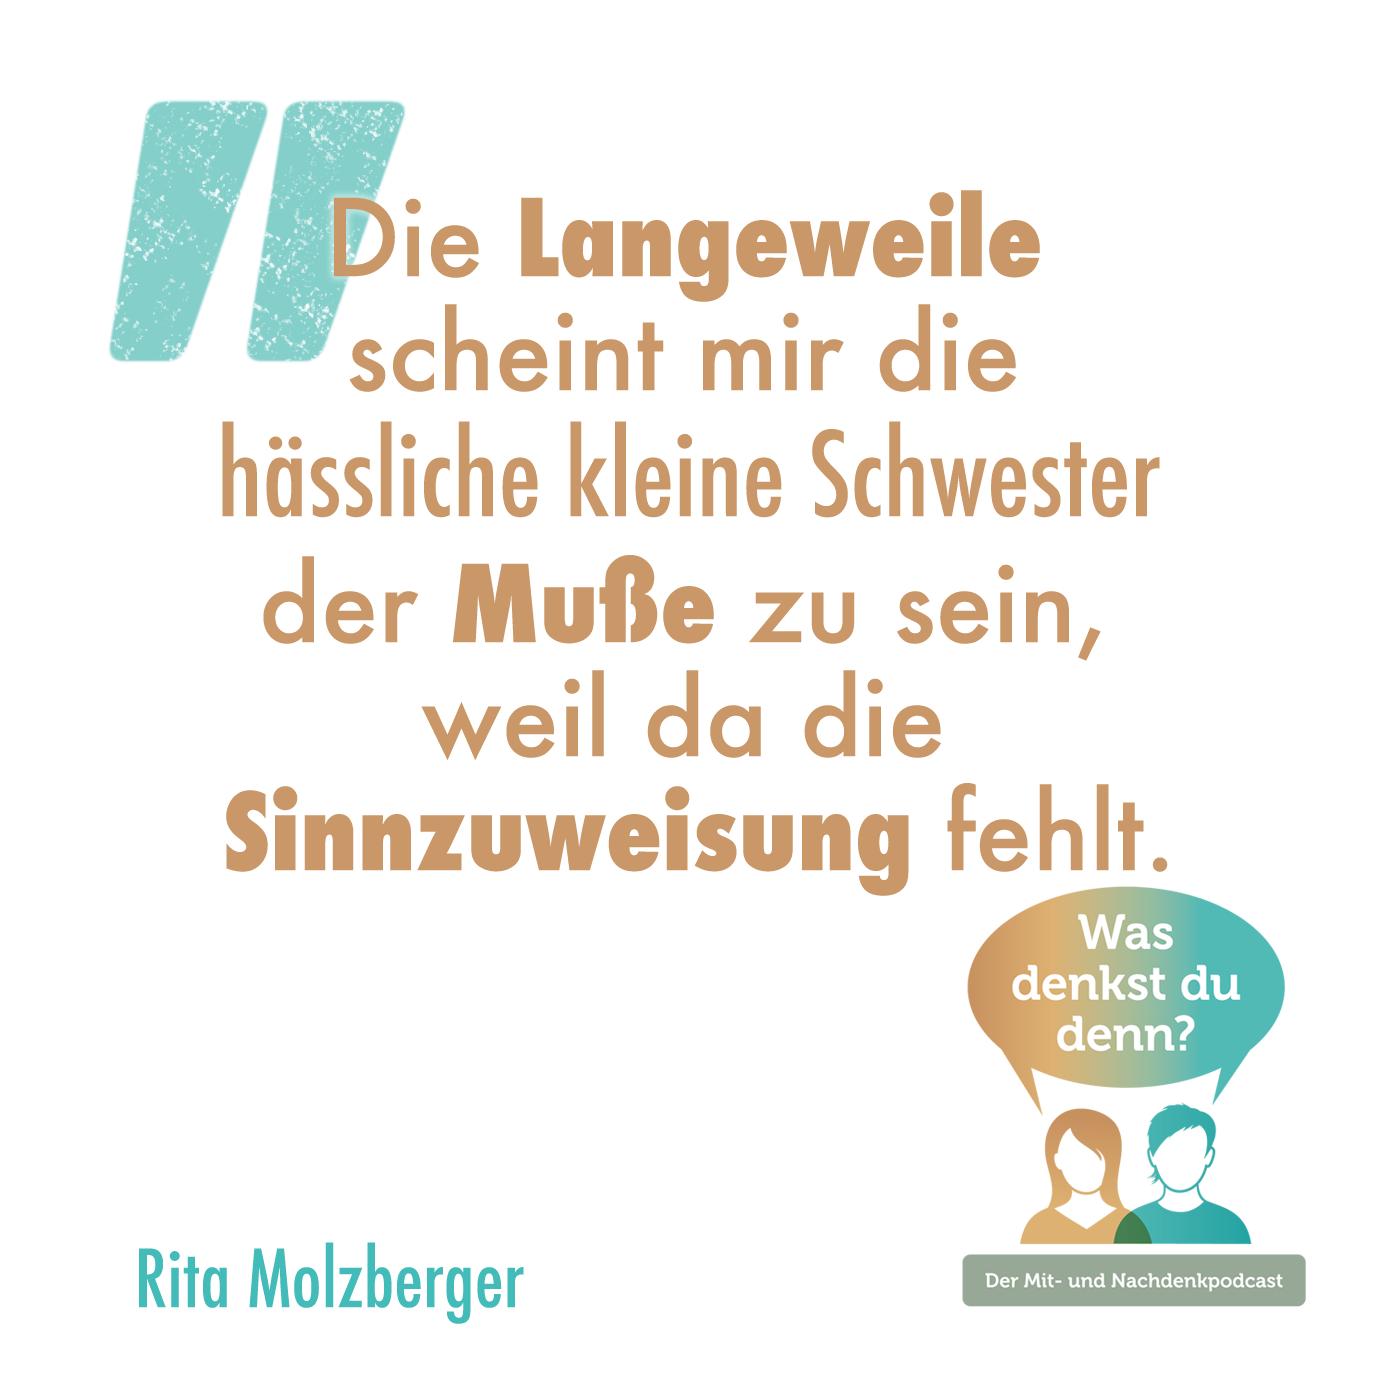 Zitat von Rita: Die Langeweile scheint mir die hässliche kleine Schwester der Muße zu sein, weil da die Sinnzuweisung fehlt.